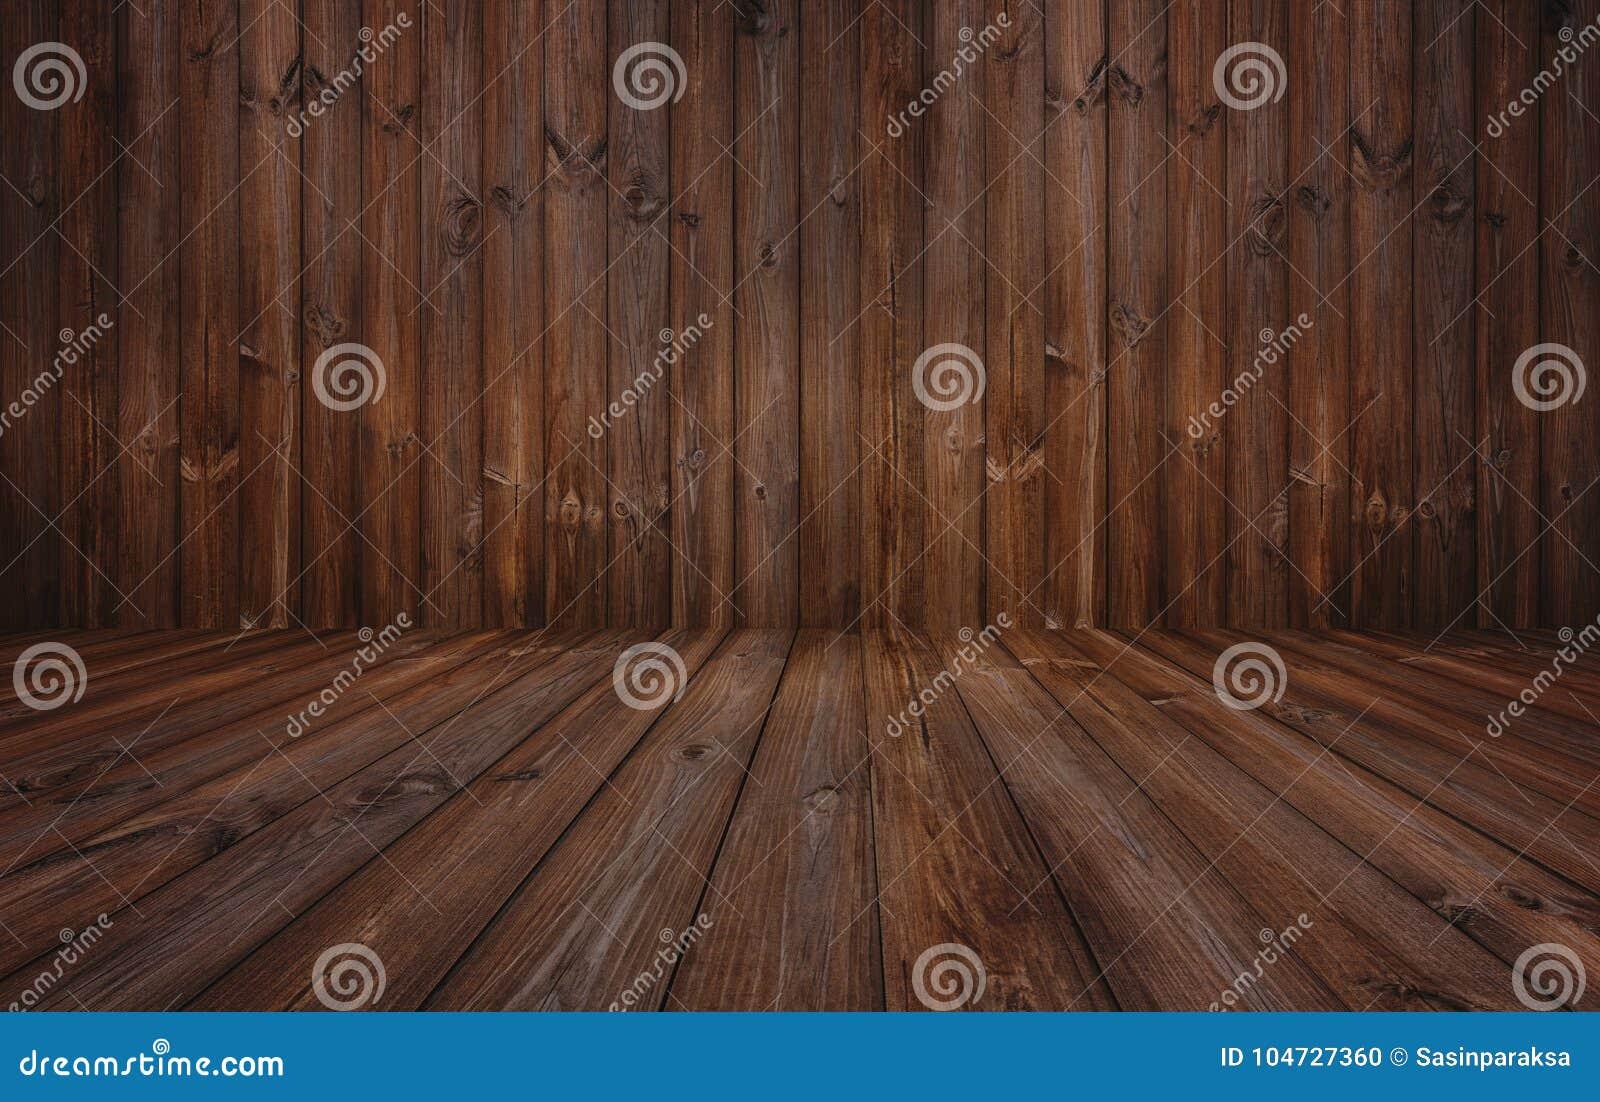 Fond en bois foncé de texture, mur en bois et plancher